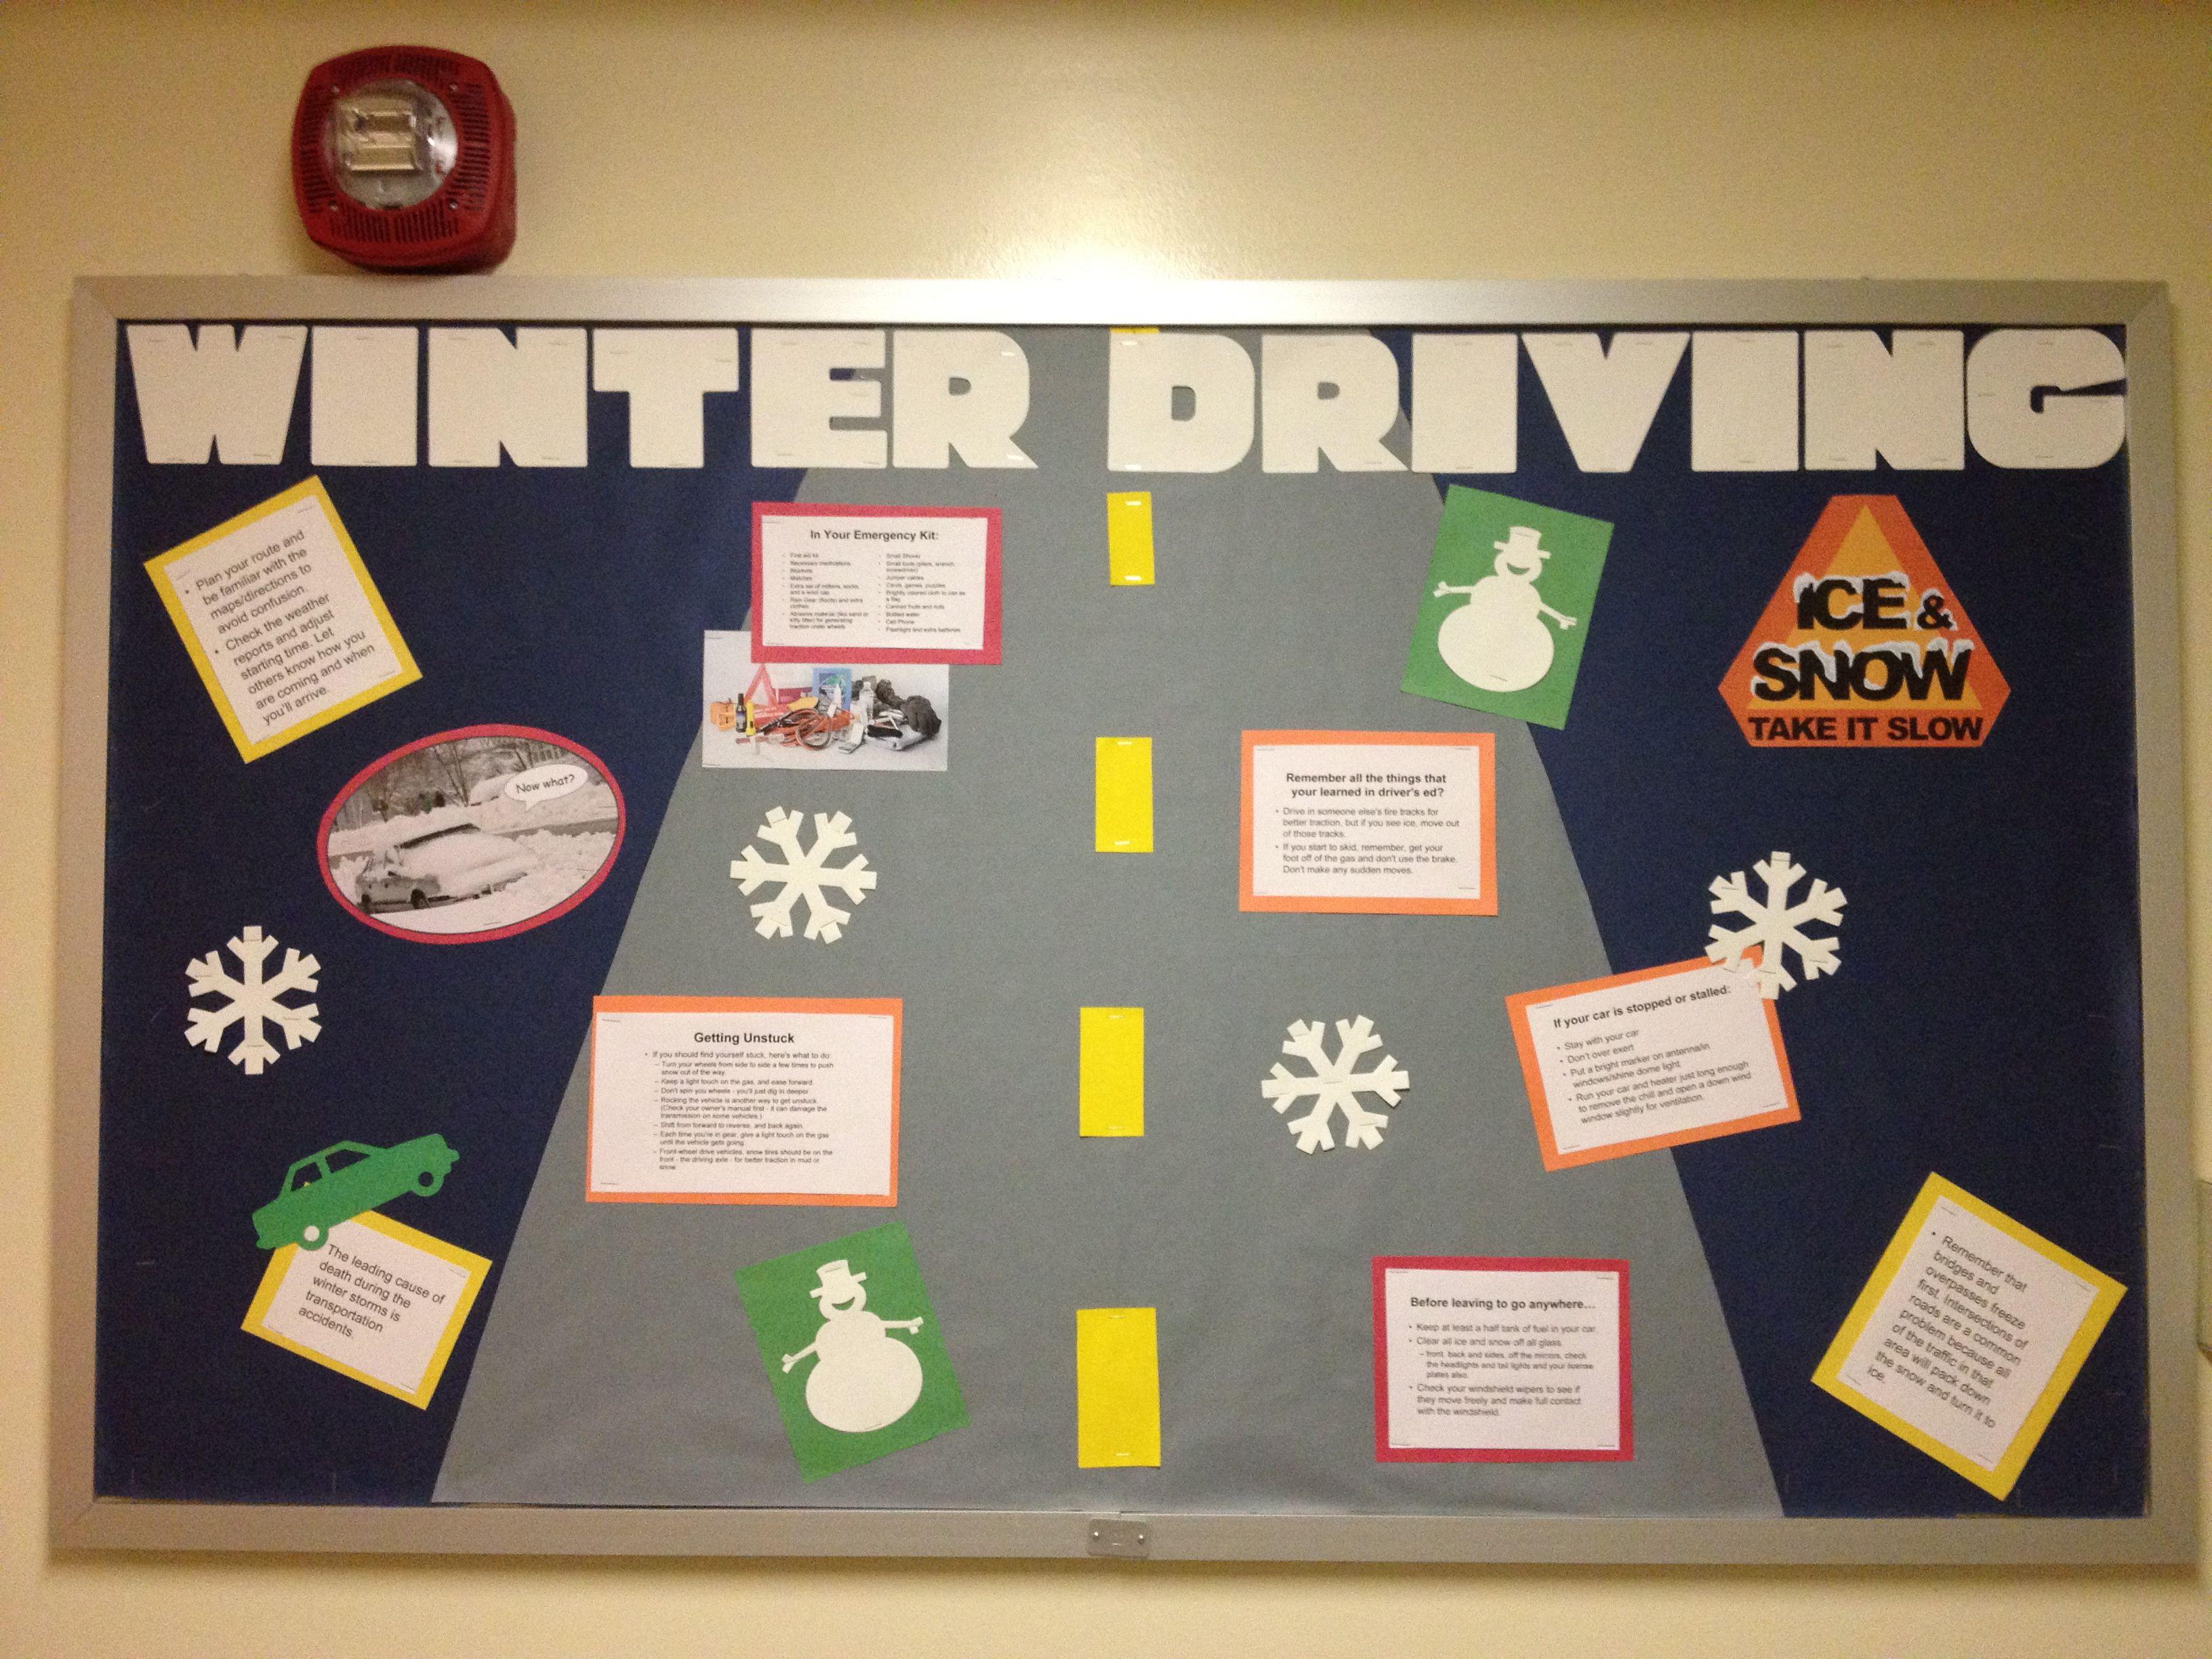 Winter bulletin boards ideas pinterest - Good Bulletin Board Idea For Winter